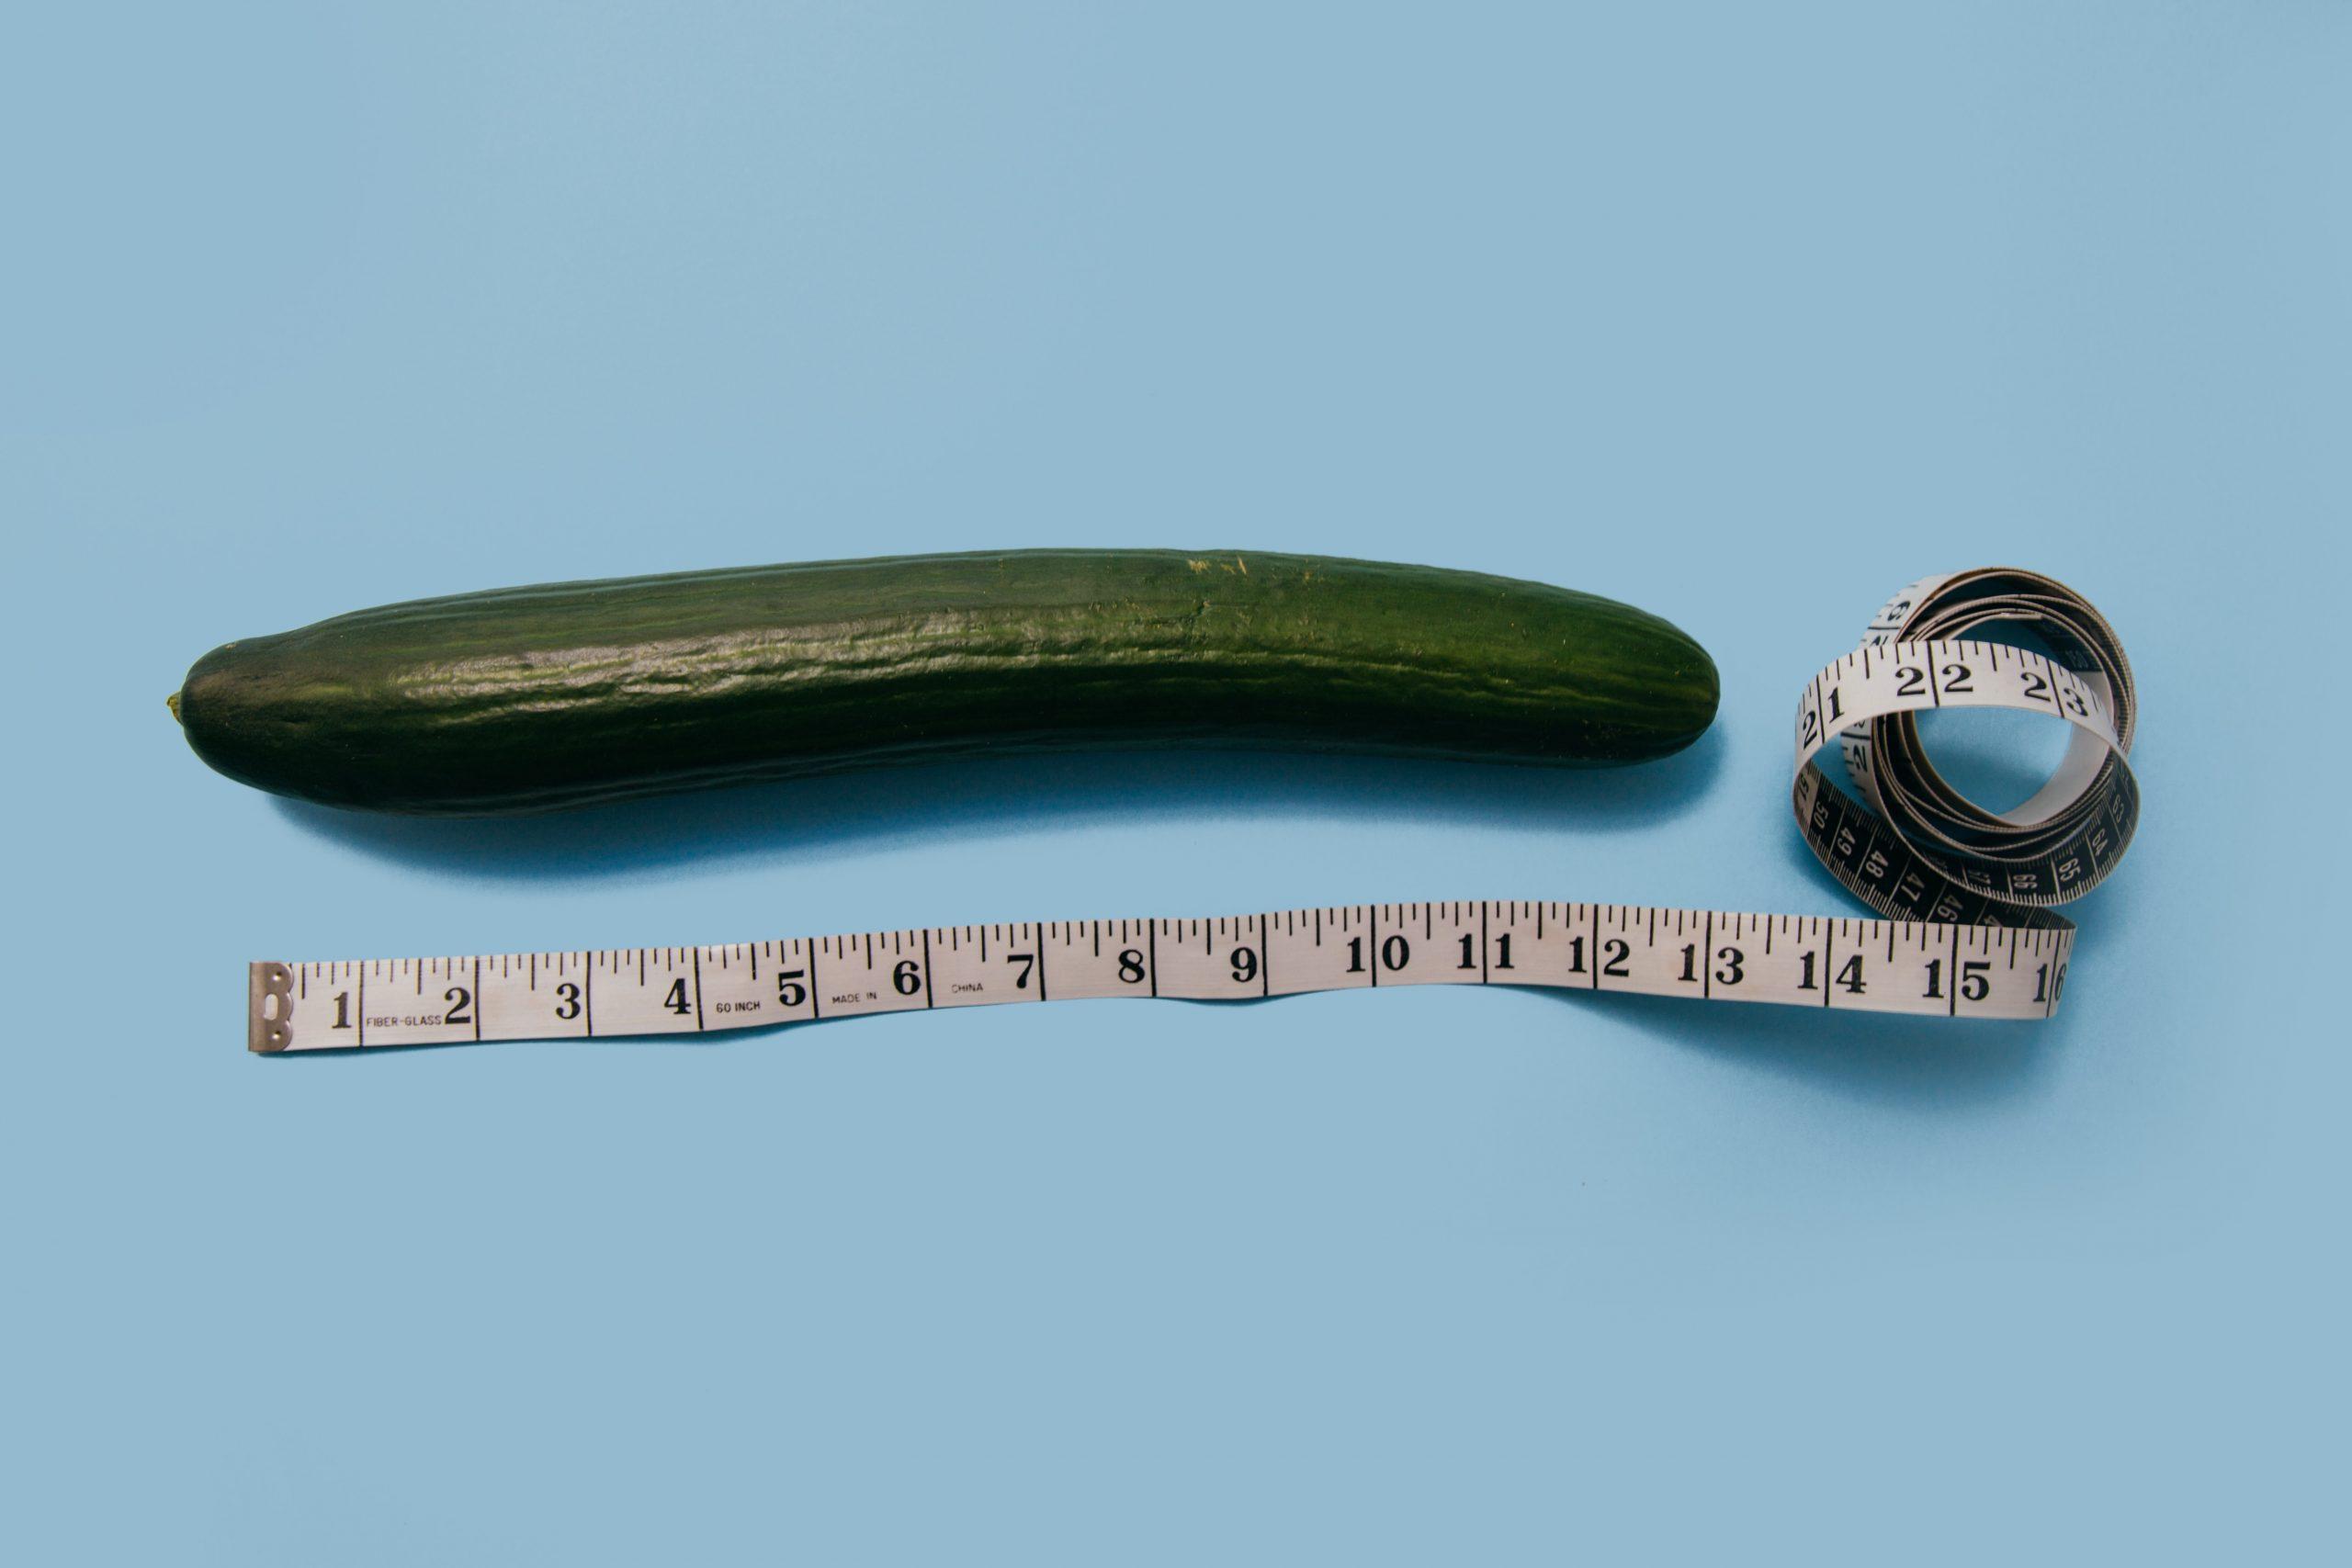 pénisz mérete vastagság szerint)